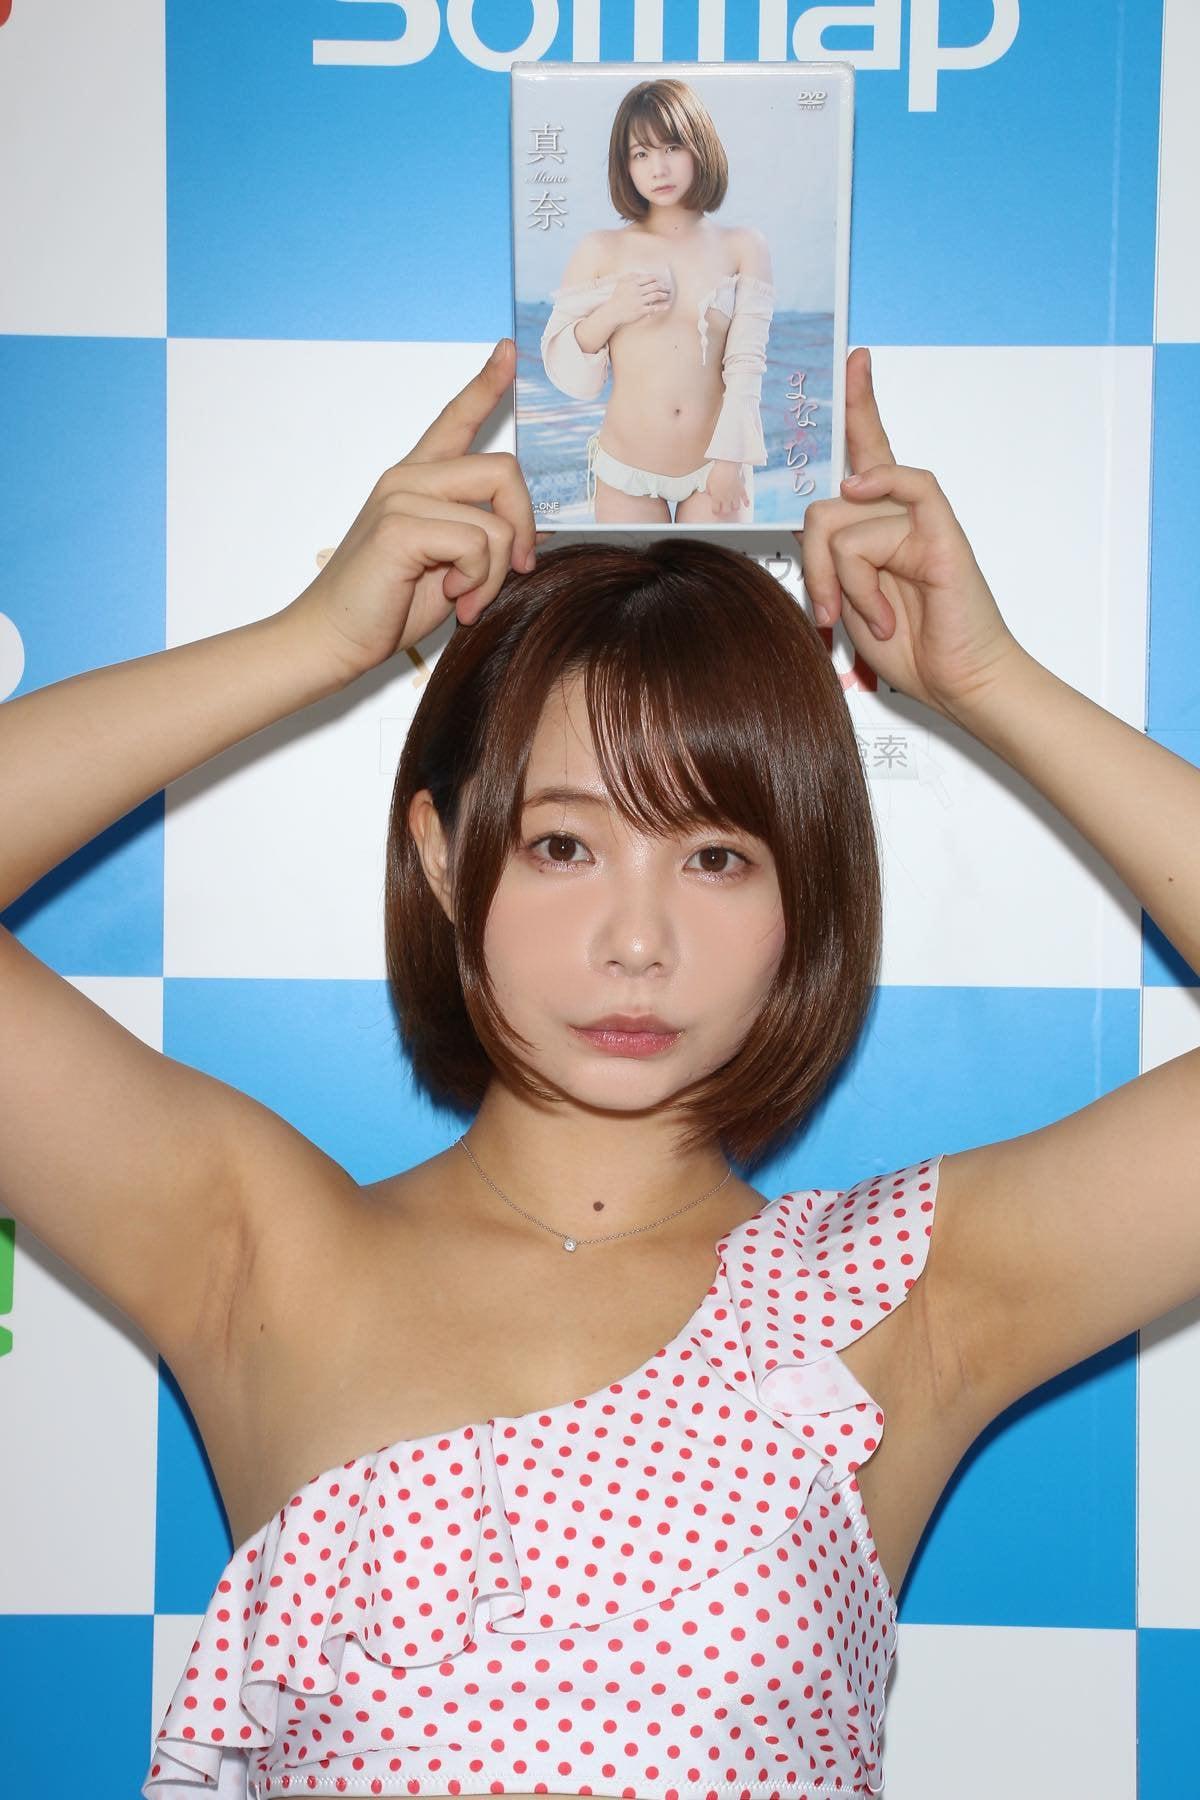 真奈「日本一パンチラしてるのが売り」毎日チラチラしてます【写真38枚】の画像027